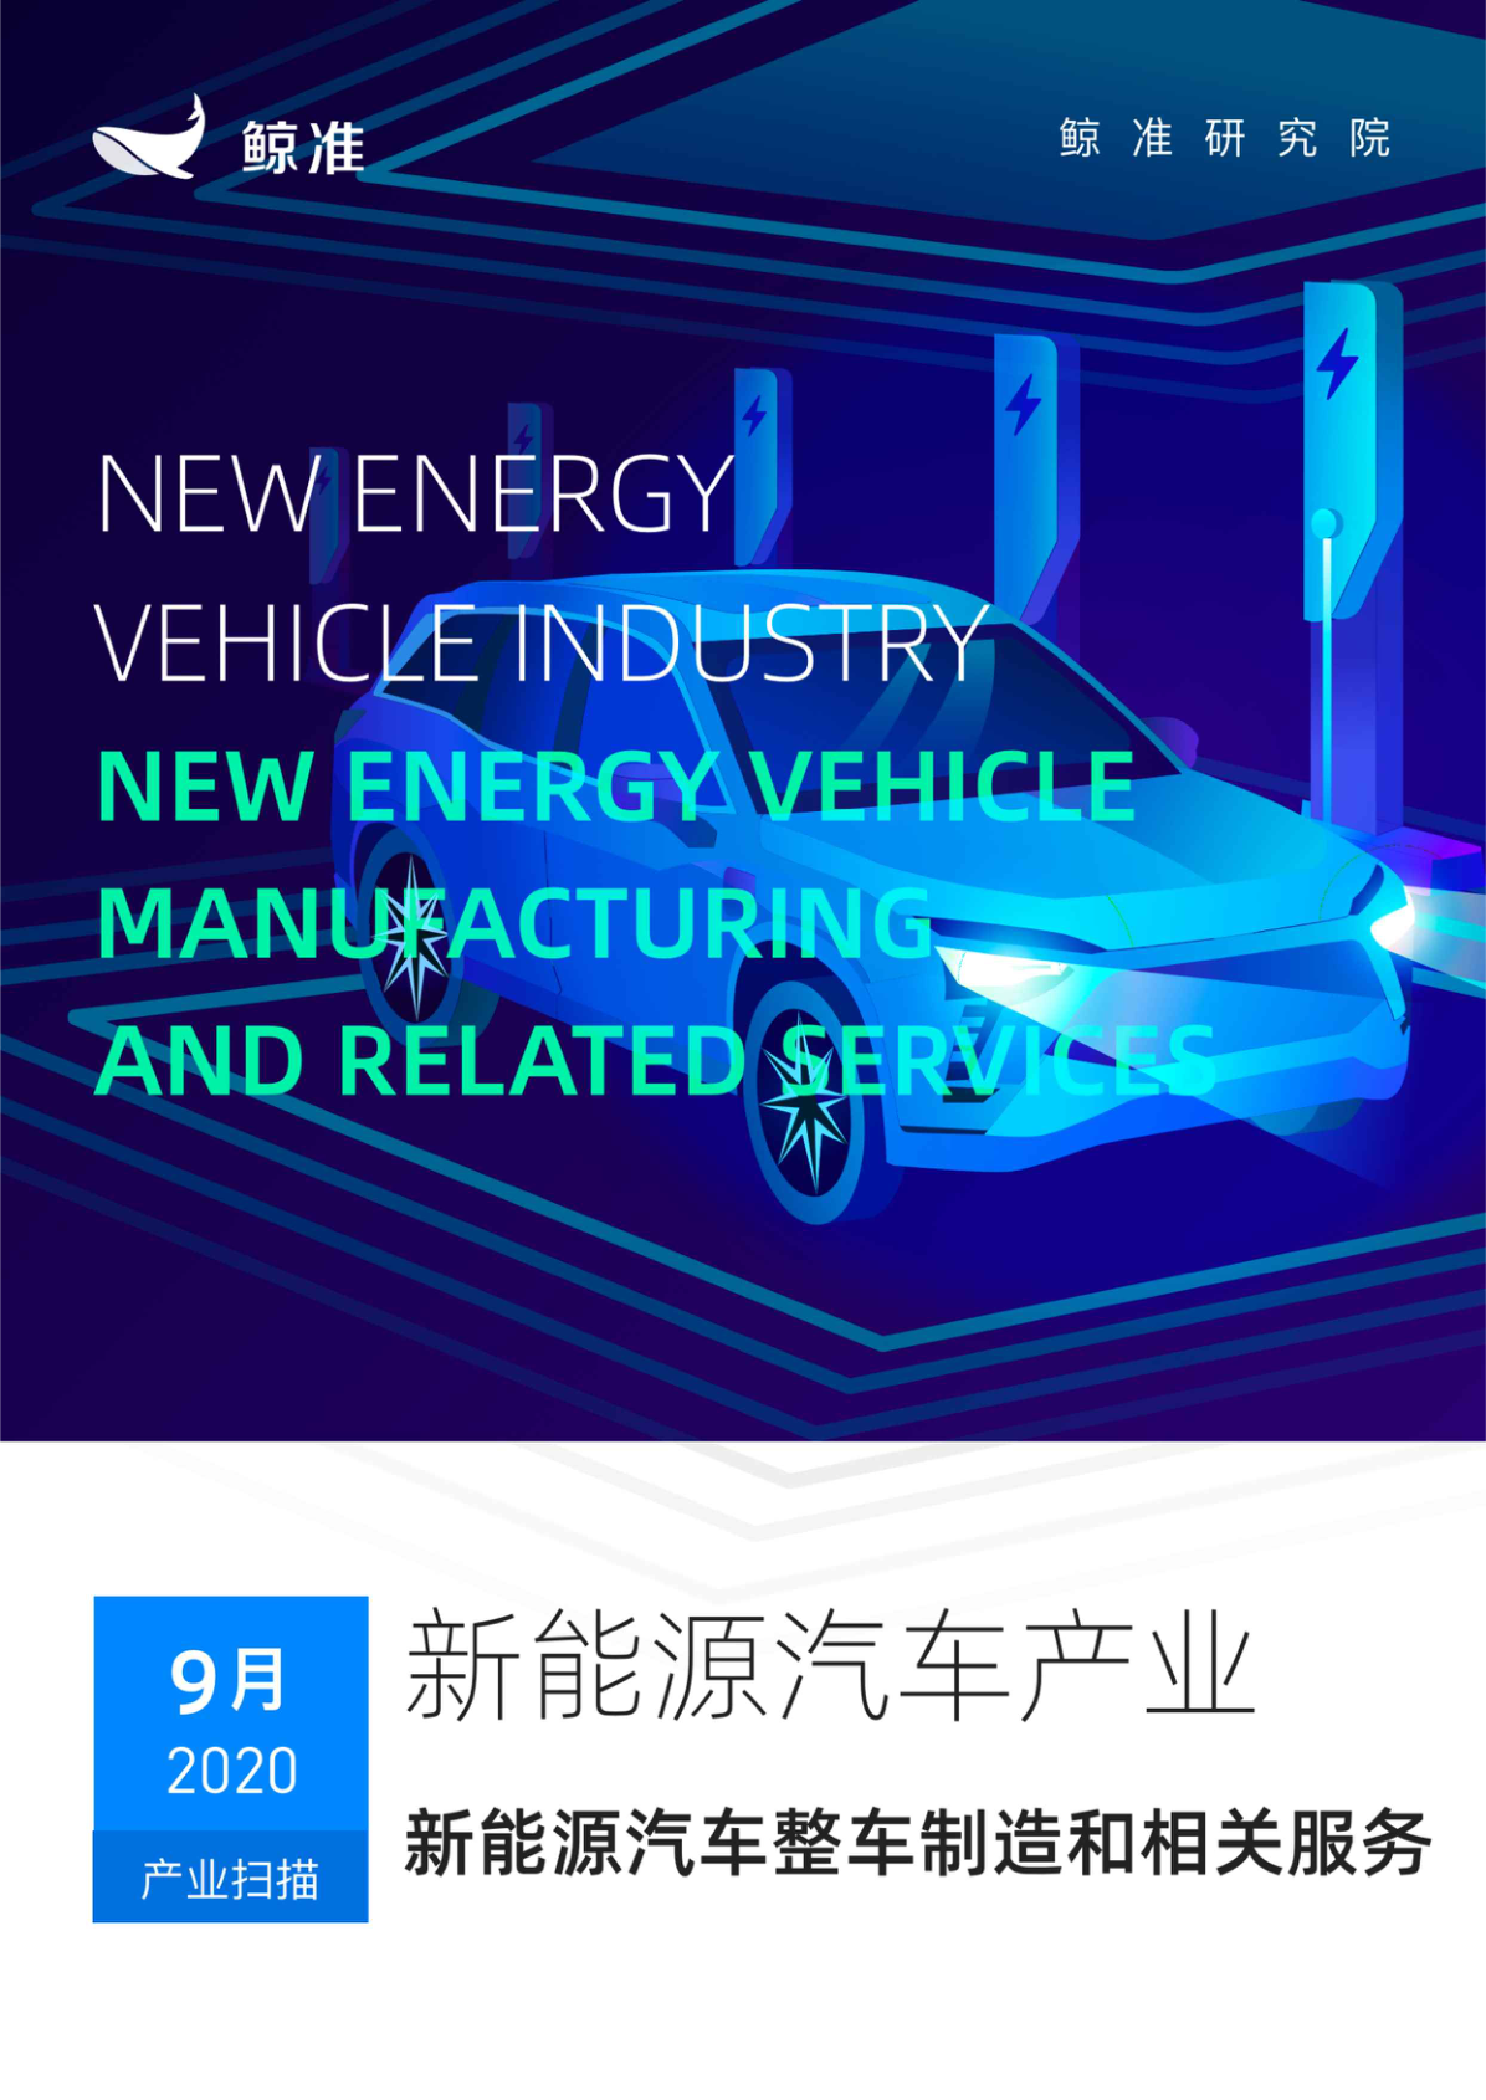 产业月度报告:新能源汽车